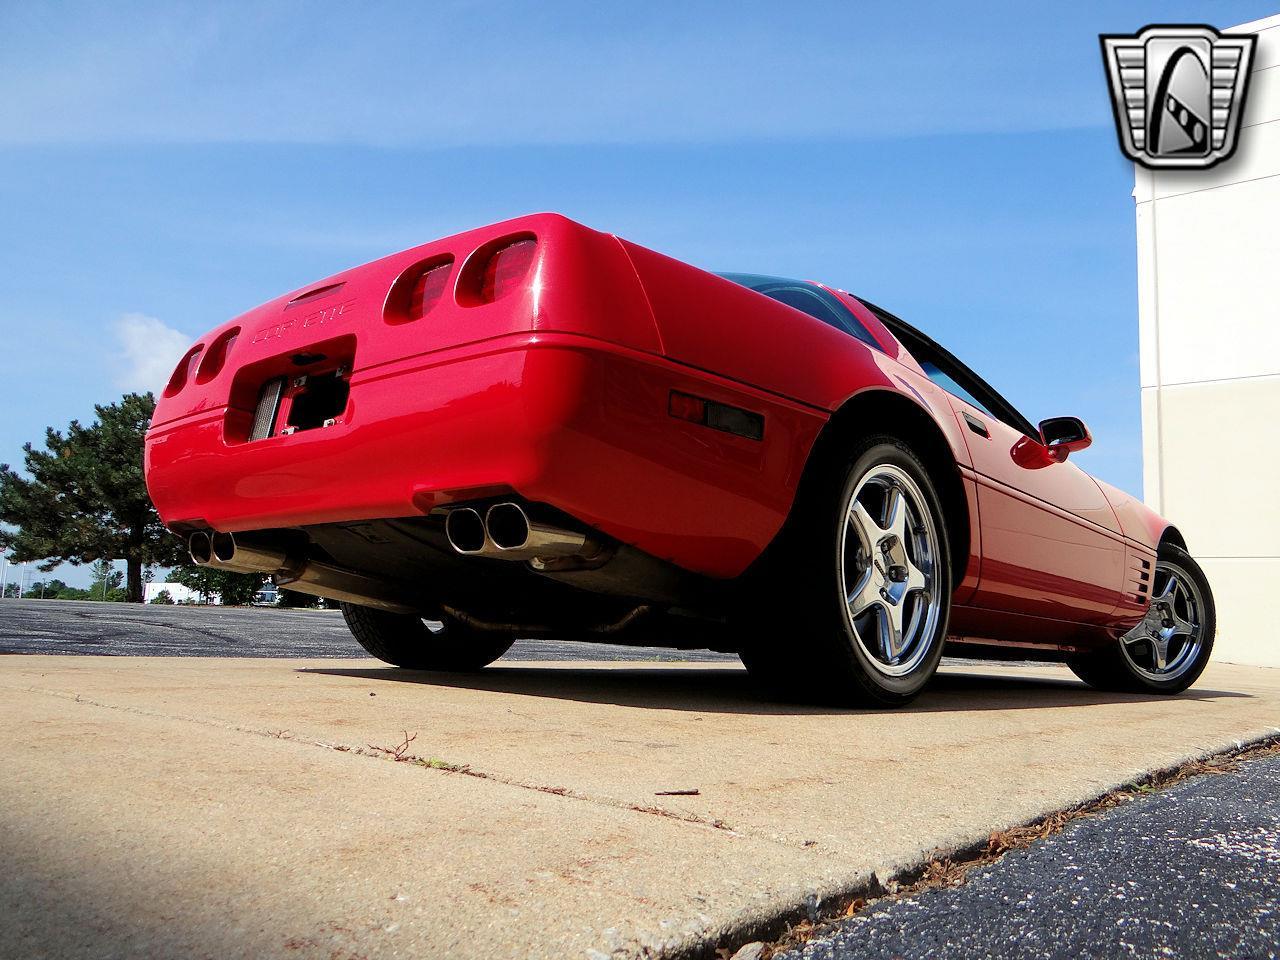 1991 Chevrolet Corvette (CC-1340826) for sale in O'Fallon, Illinois